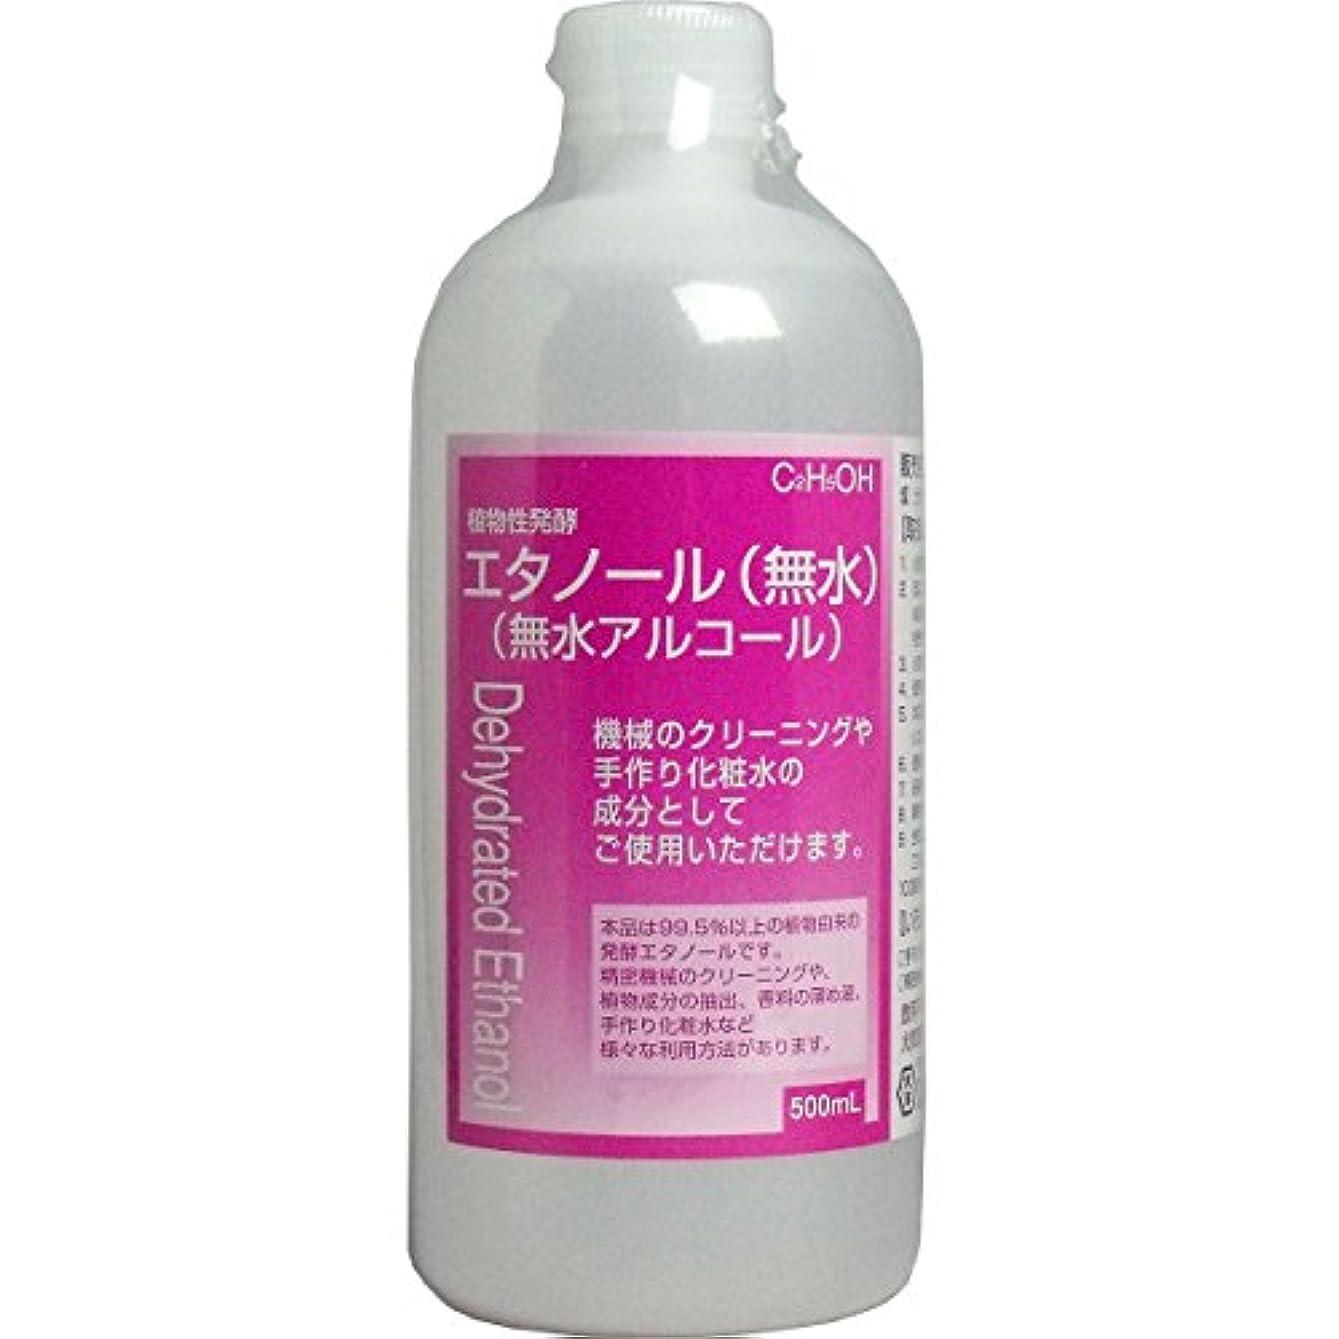 ロータリー申請者コイン手作り化粧水に 植物性発酵エタノール(無水エタノール) 500mL 2本セット